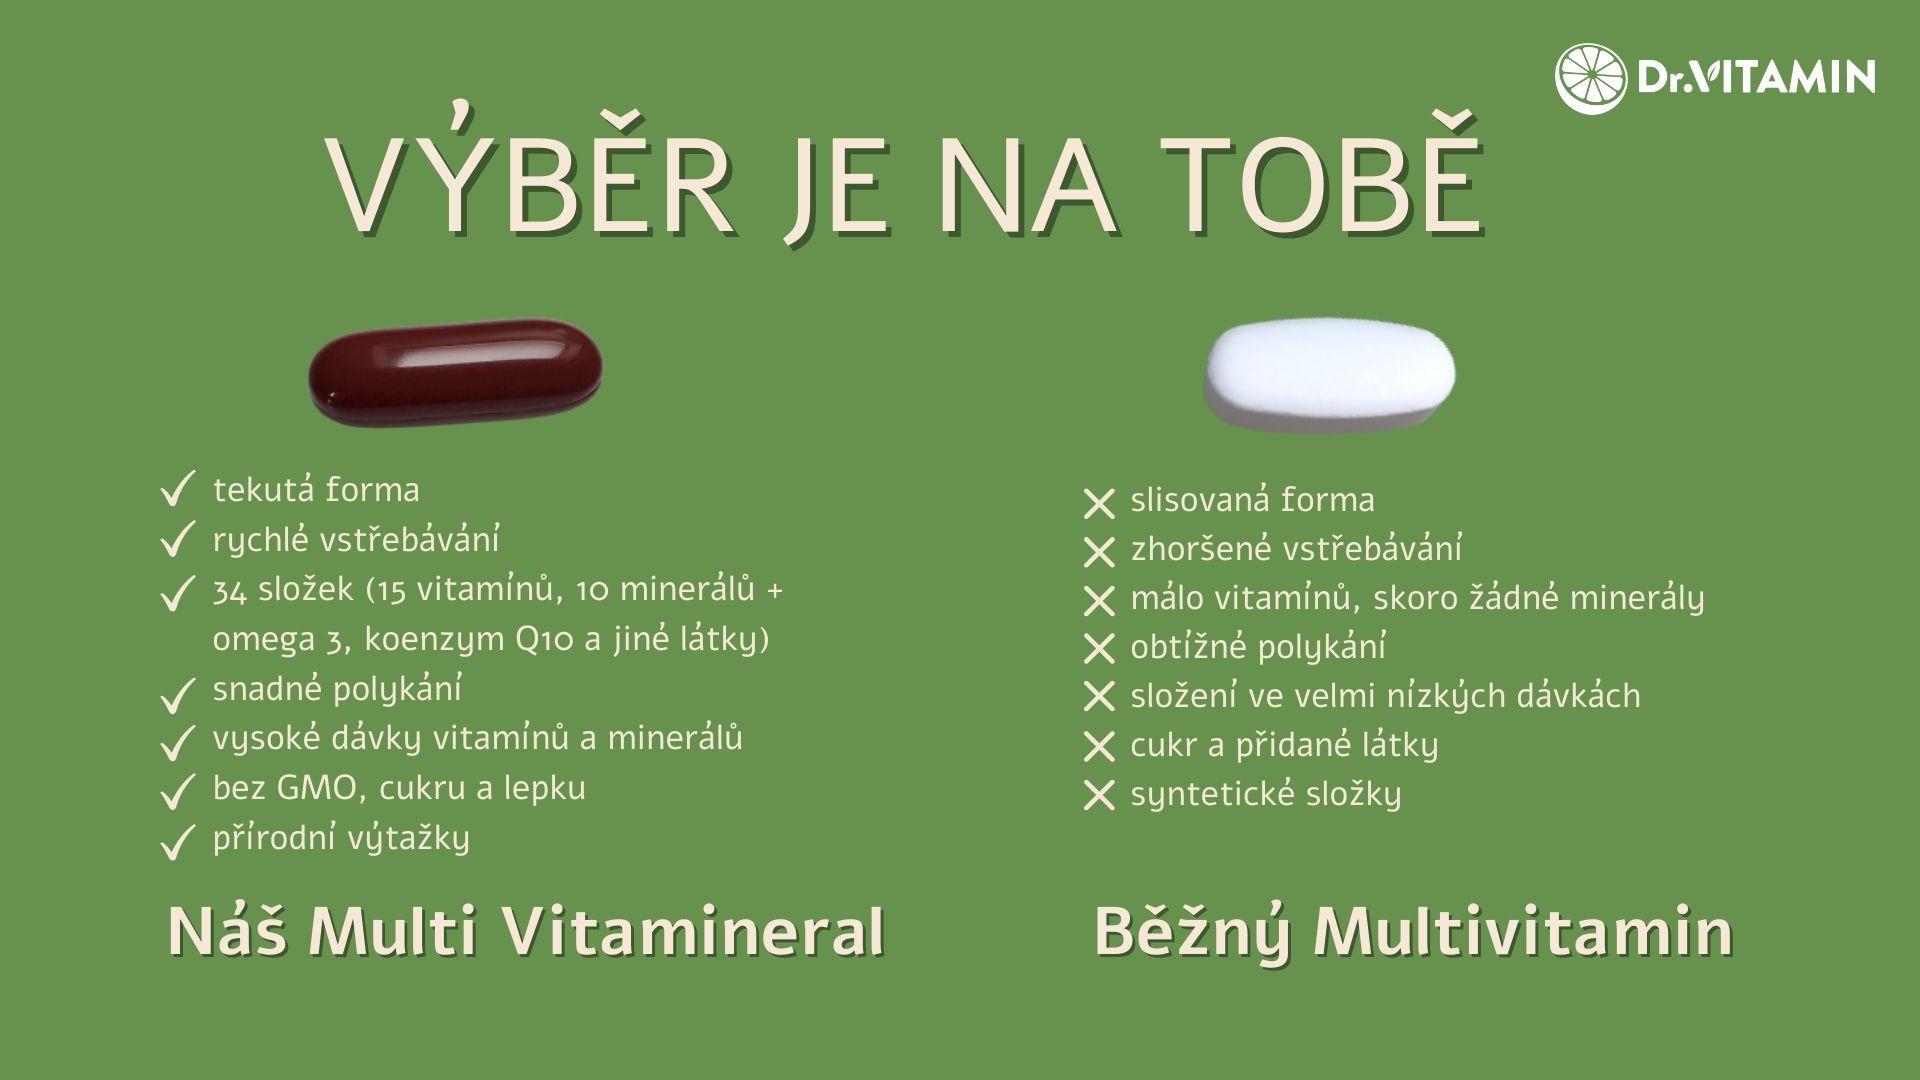 Gelový Multi Vitamineral vs klasický multivitamin - jaký je mezi nimi rozdíl a který zvolit